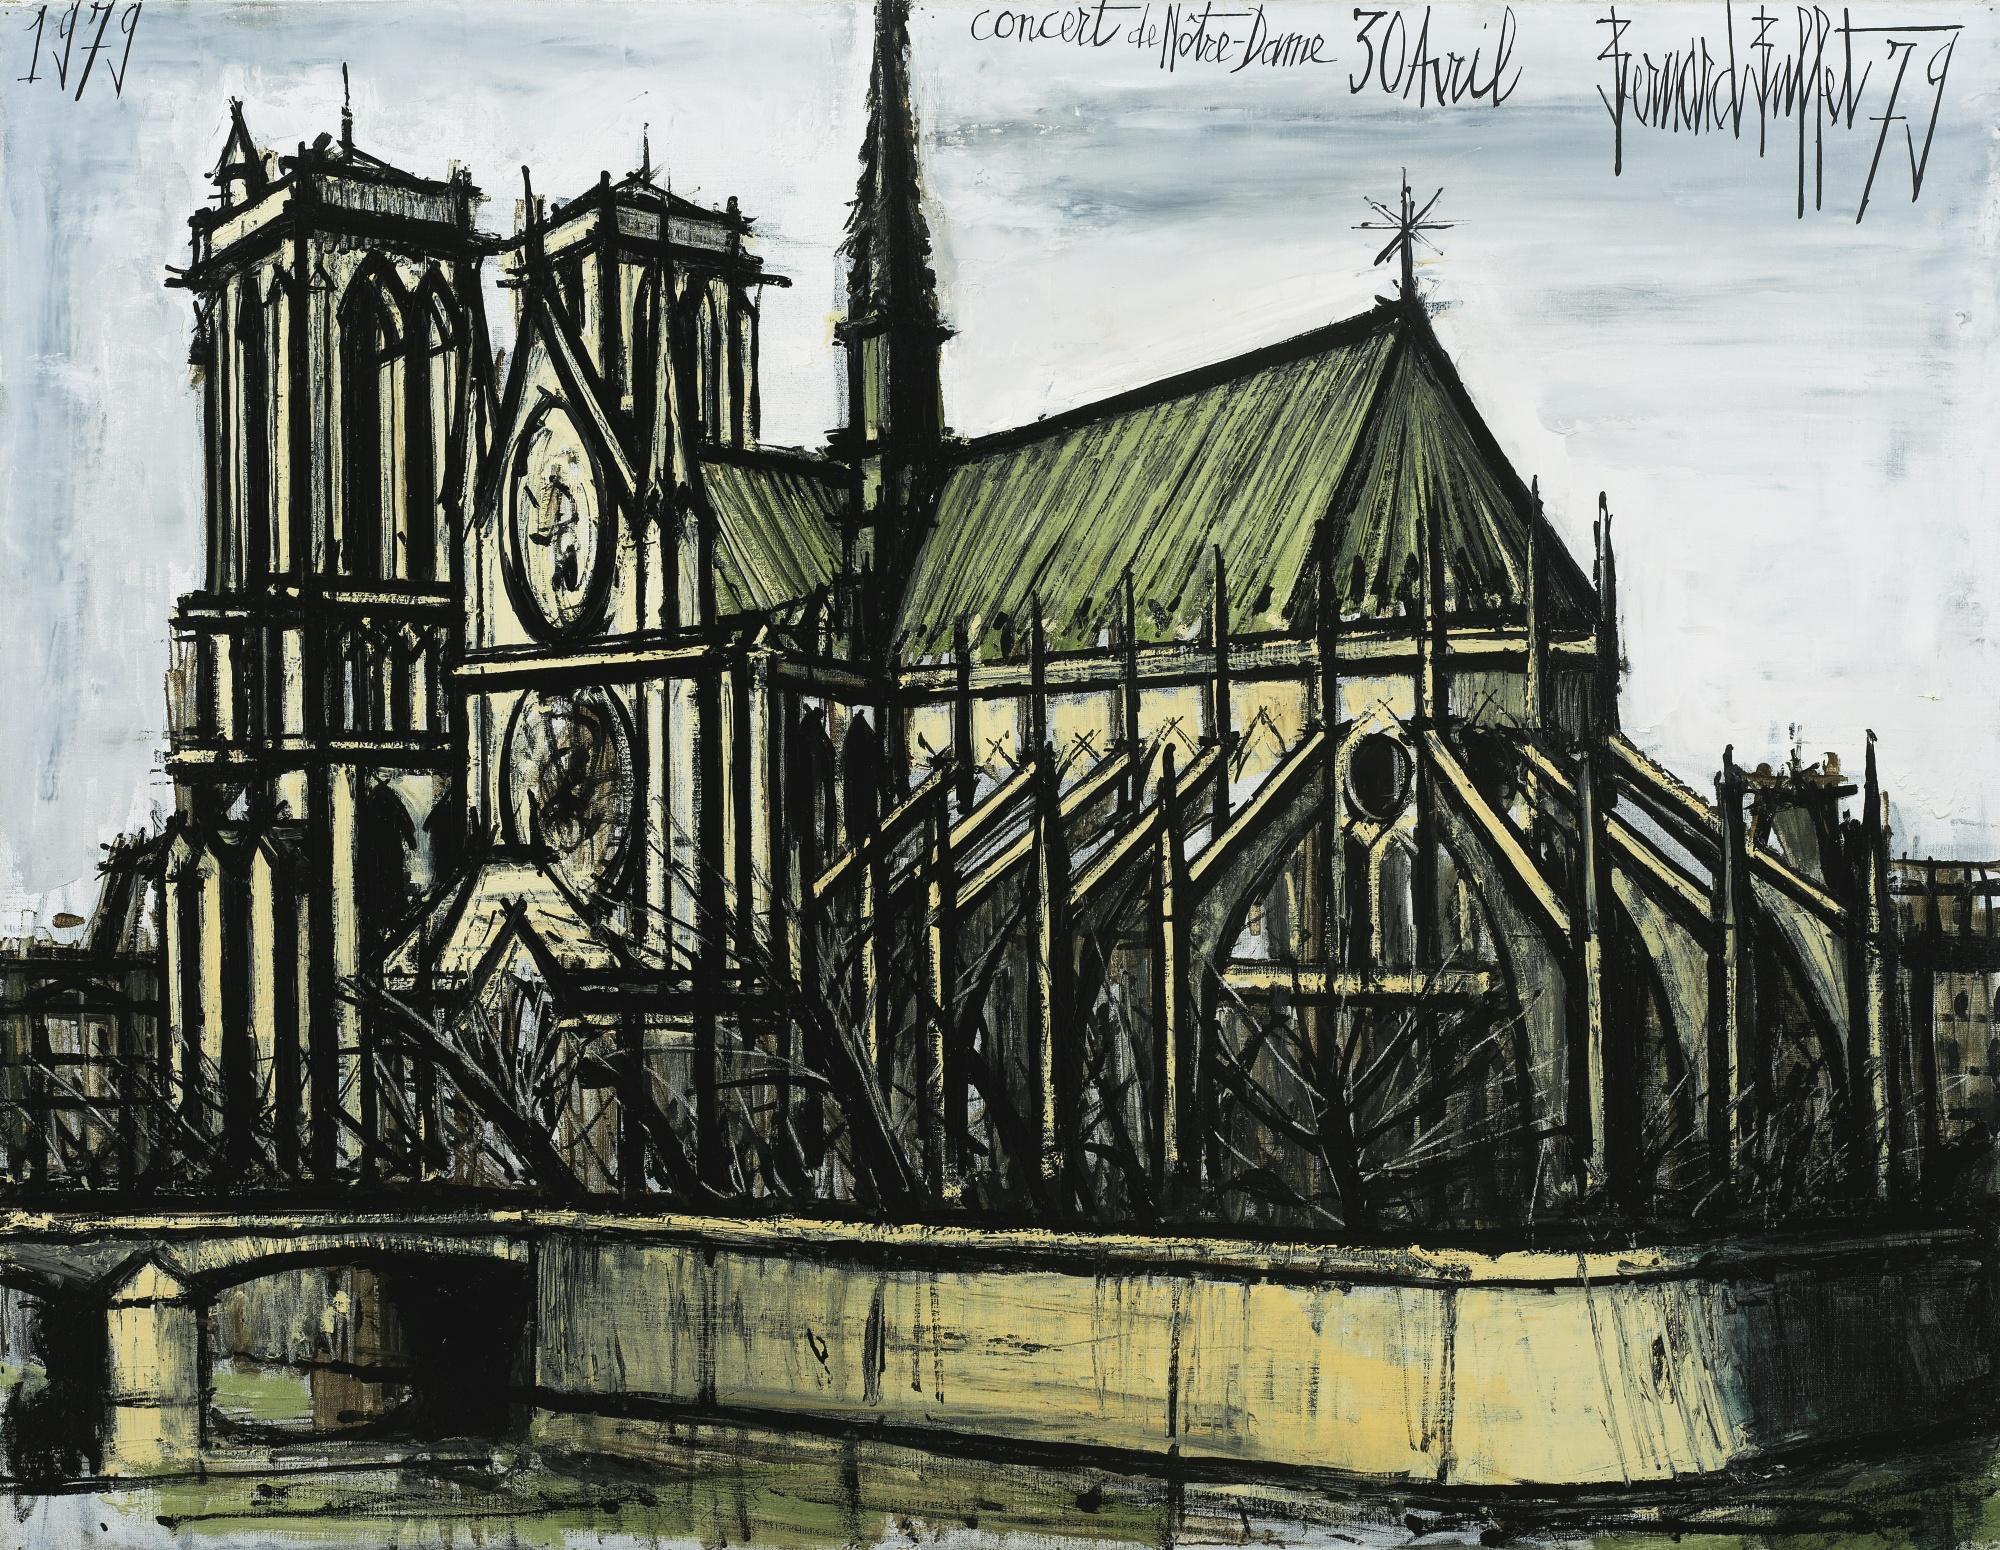 Bernard Buffet-Notre-Dame-1979